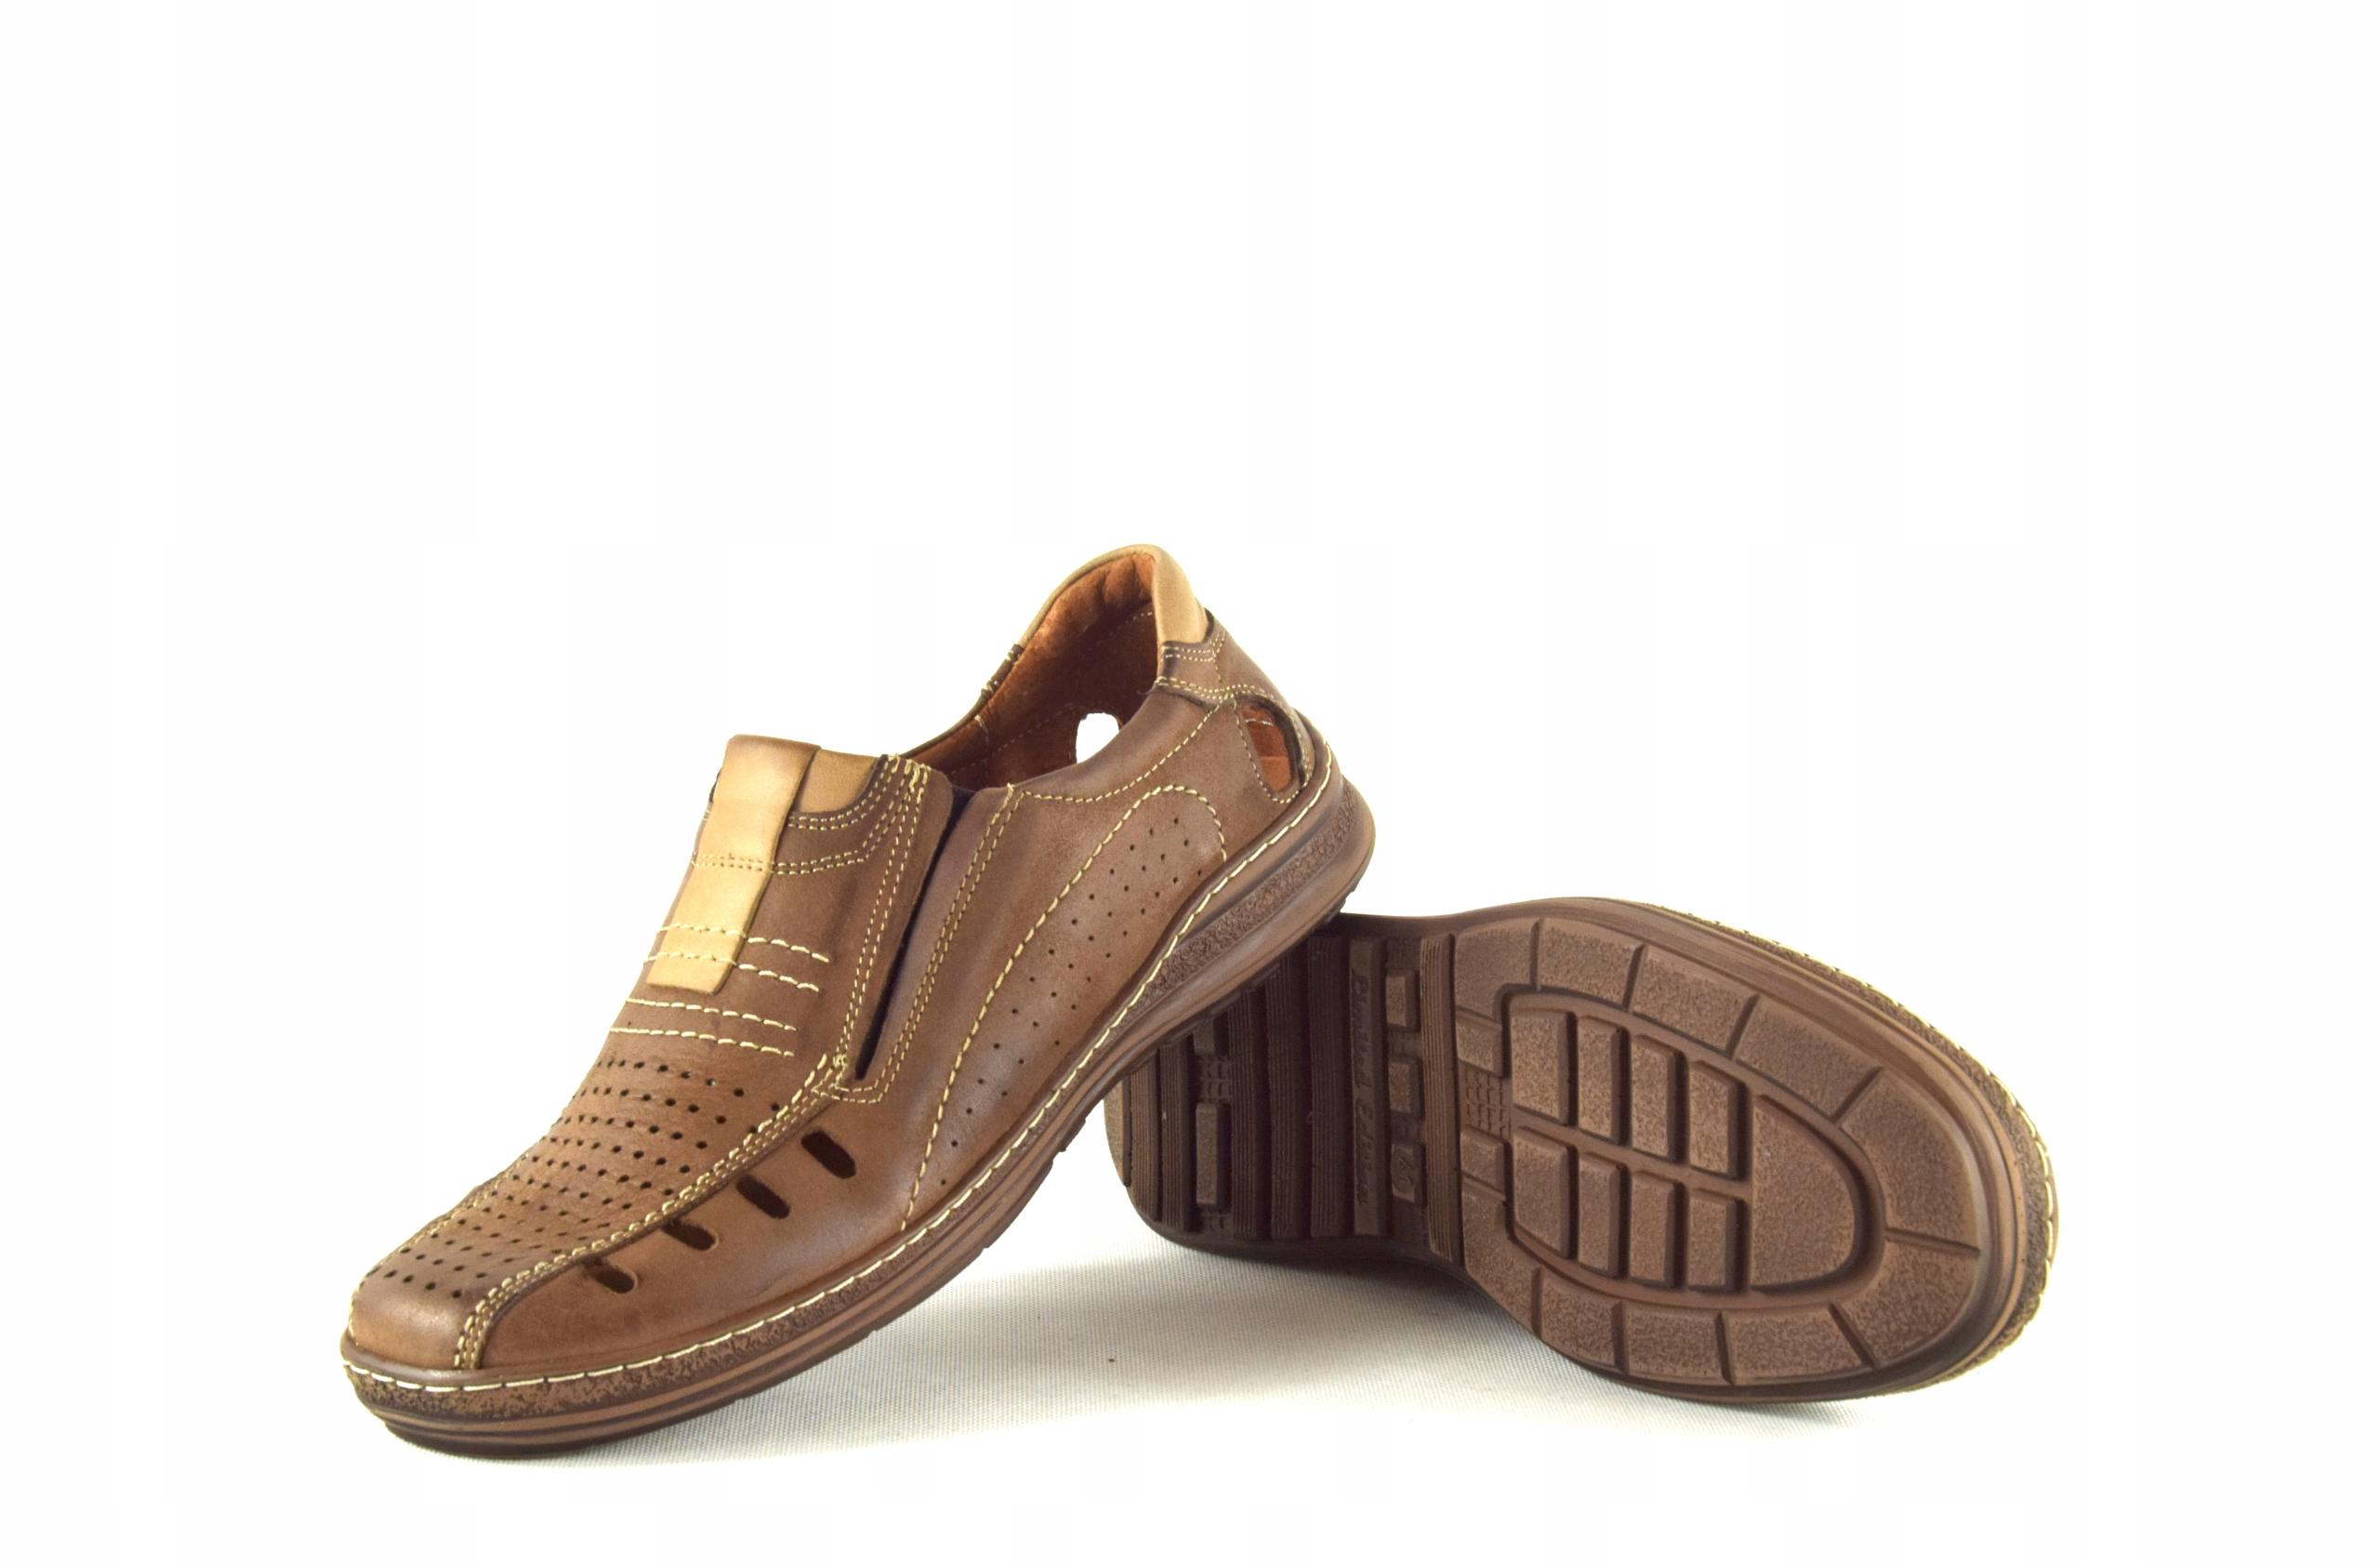 Mokasyny na lato buty ze skóry męskie dziurki 190L Oryginalne opakowanie producenta pudełko